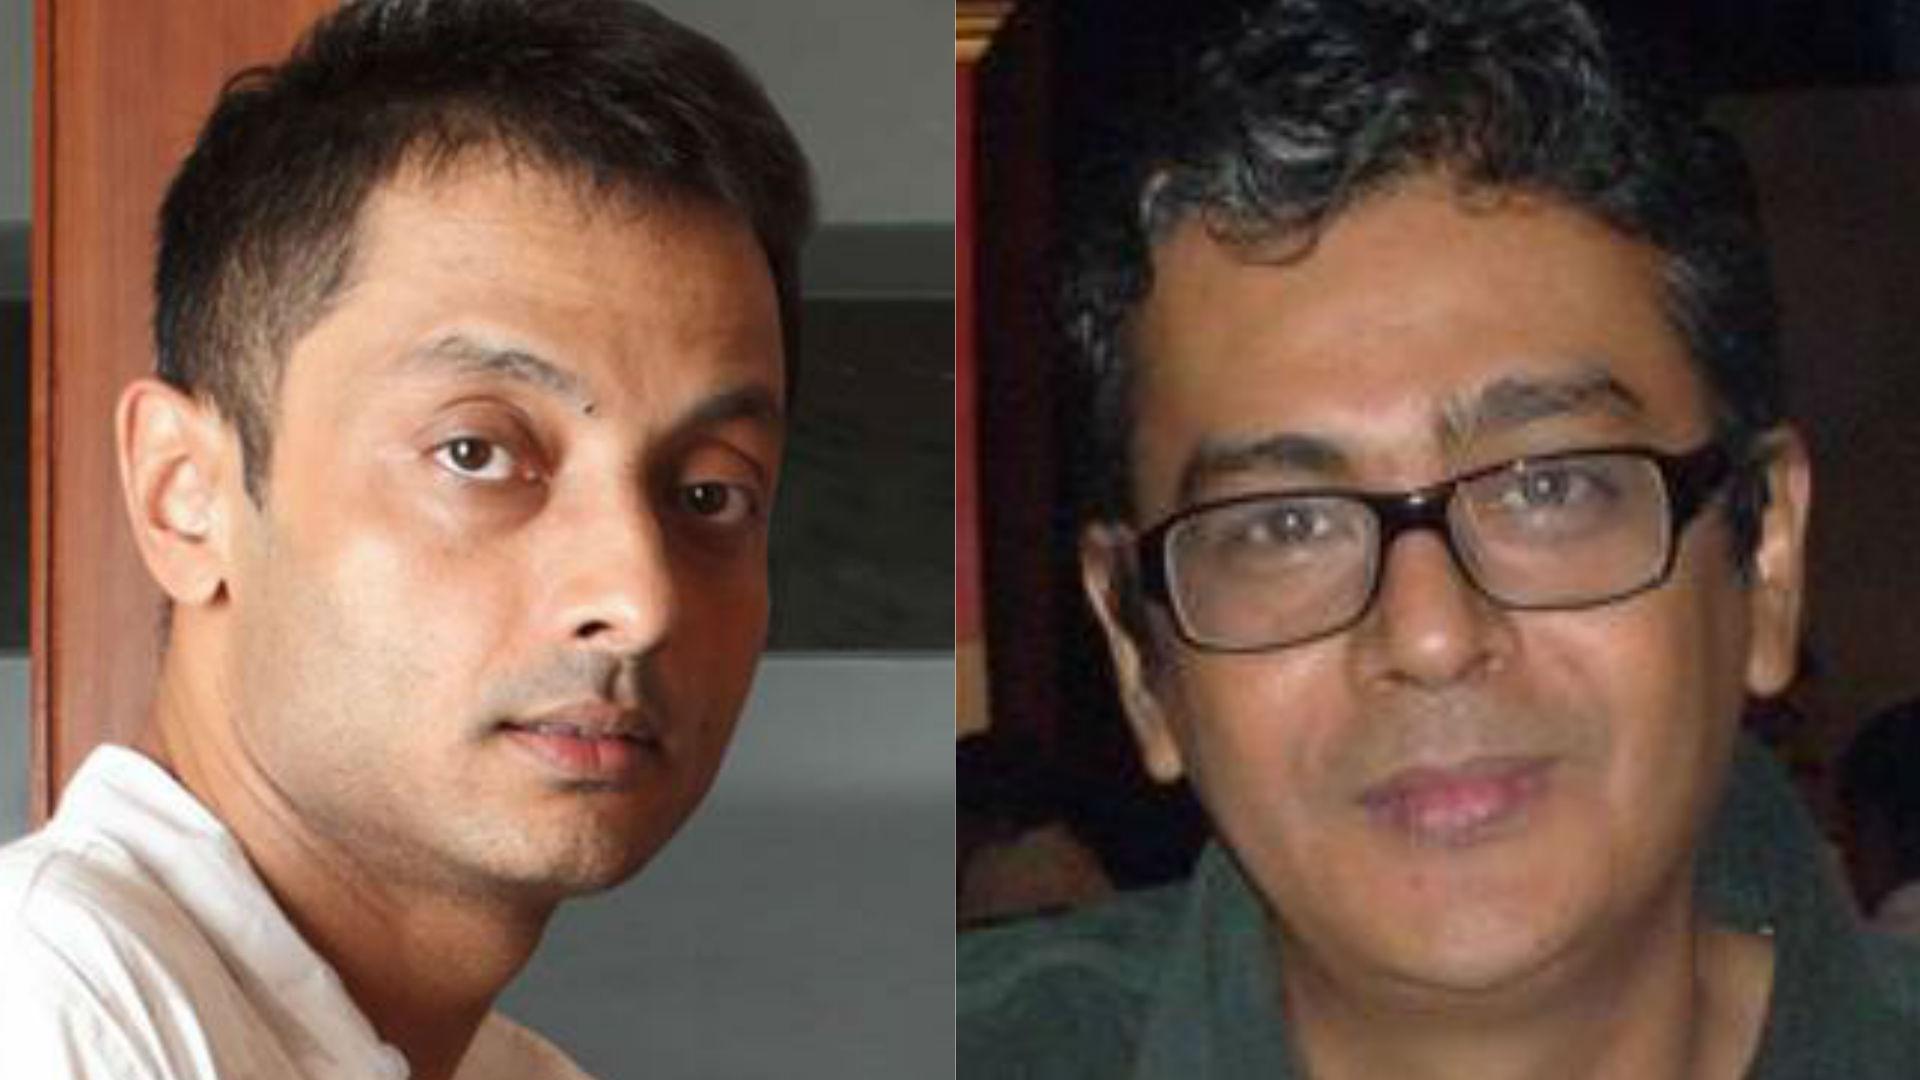 नहीं रहे बॉलीवुड फिल्मों के मशहूर एडिटर संजीब दत्ता, फिल्ममेकर सुजॉय घोष ने ट्वीट कर जताया दुख